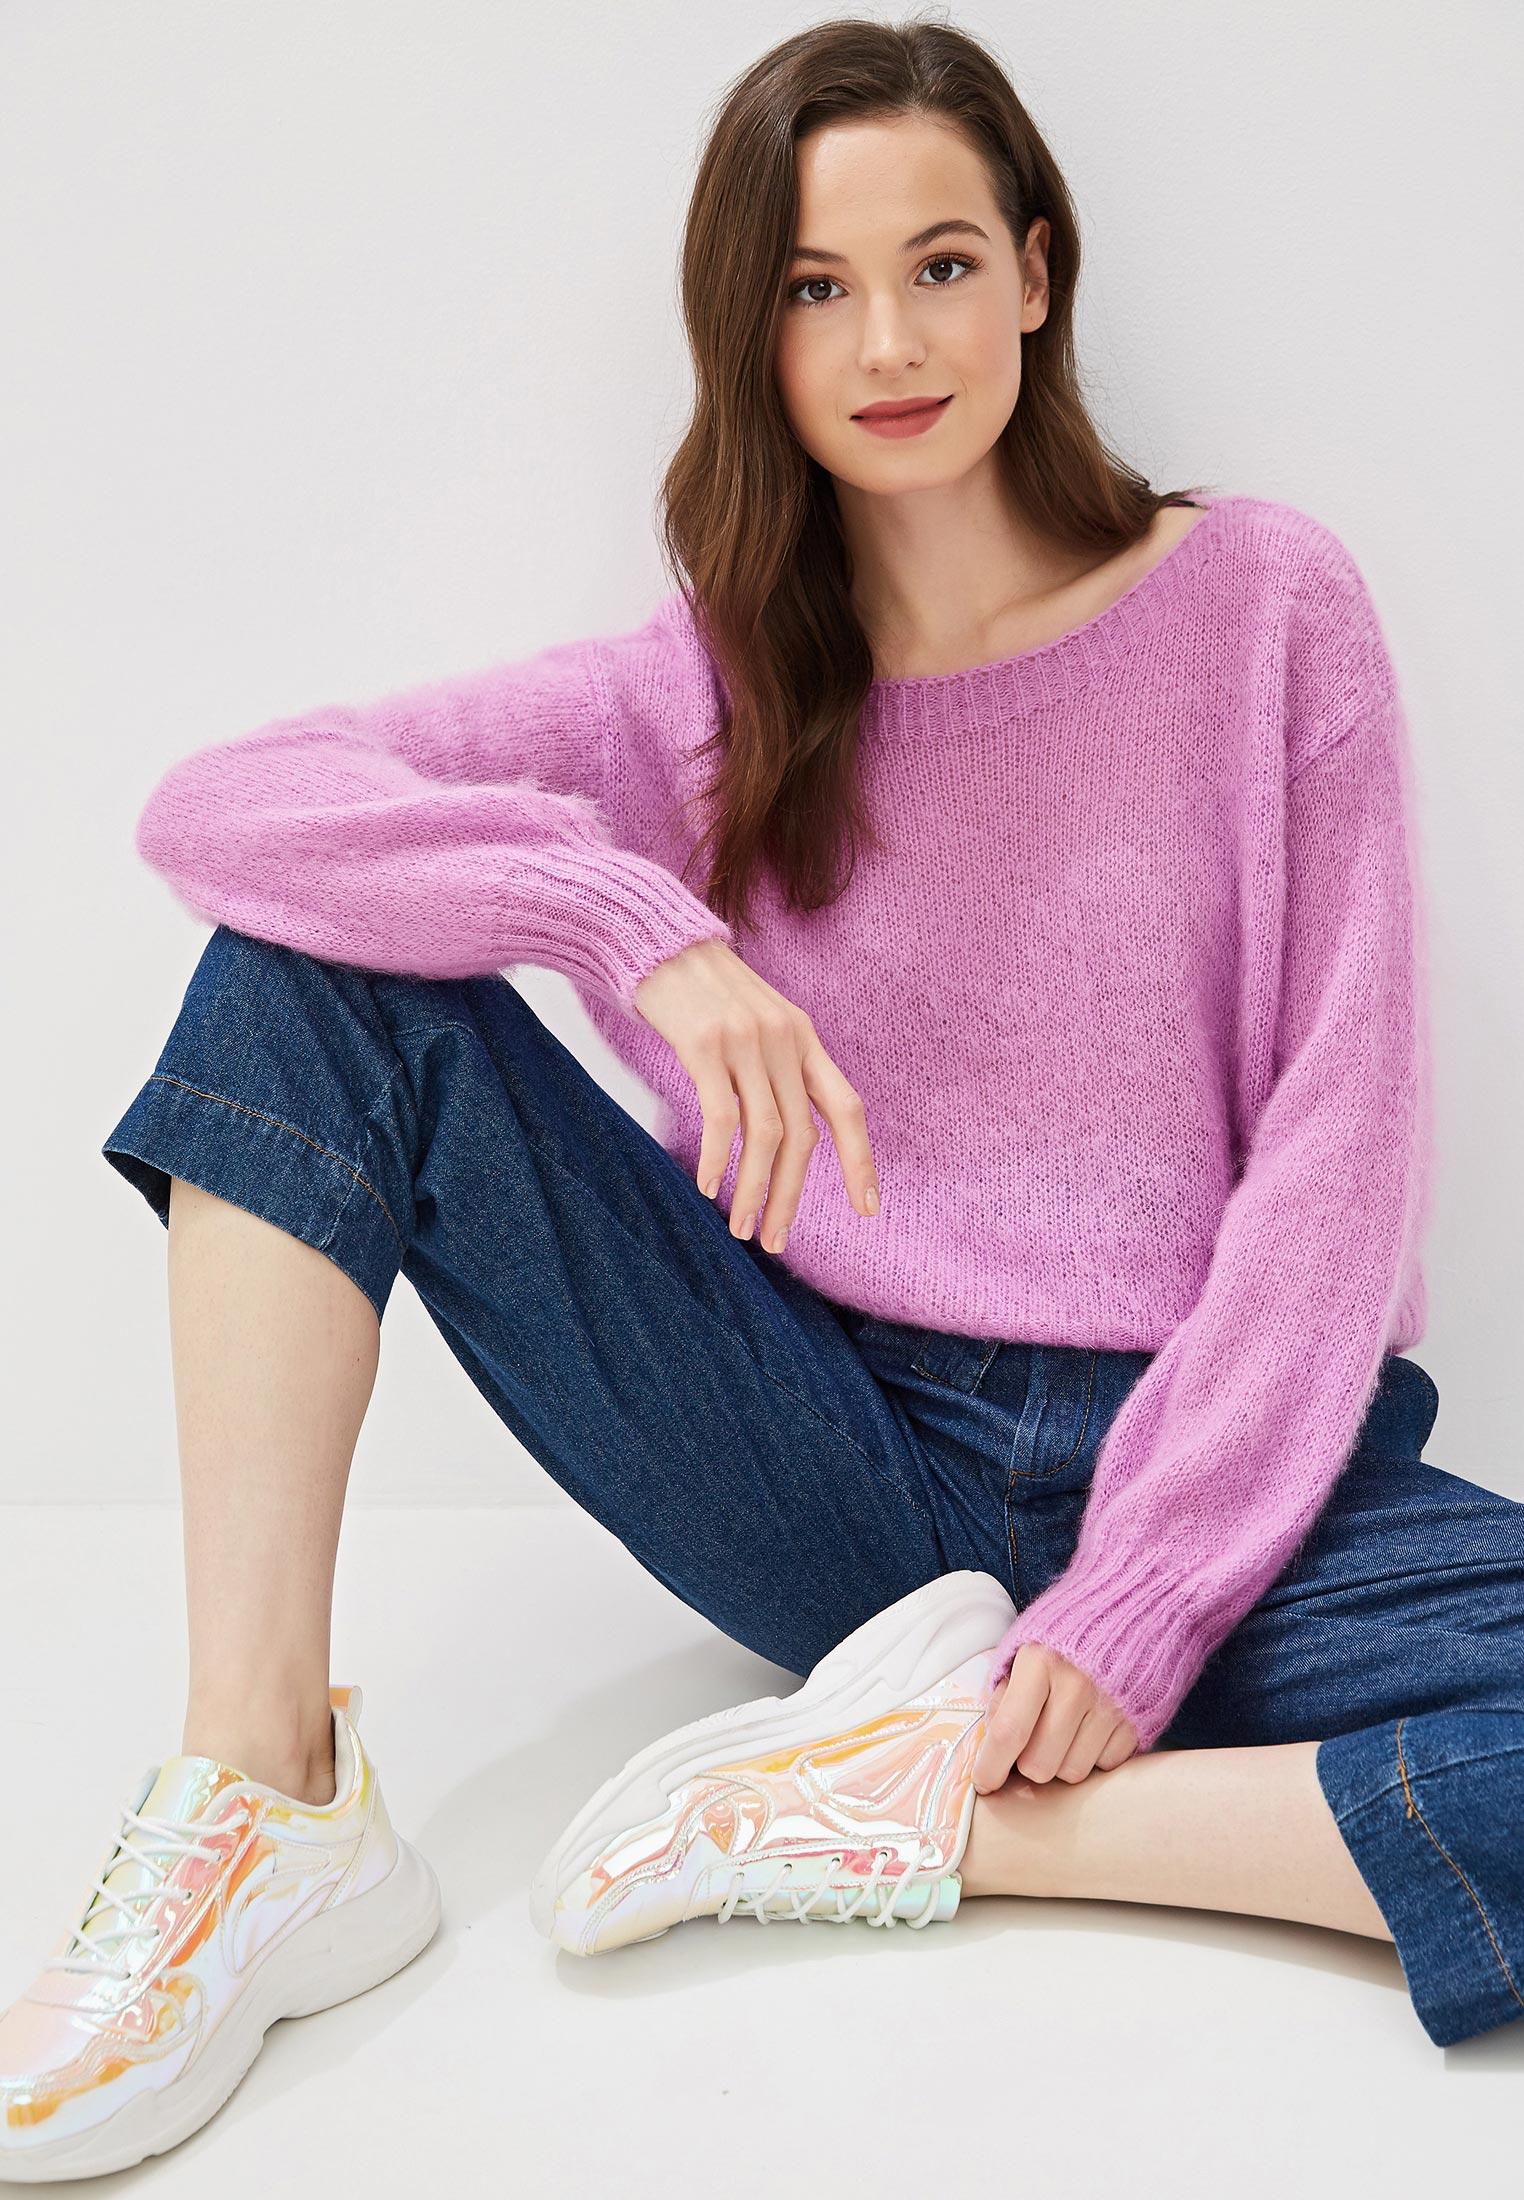 Джемпер, United Colors of Benetton, цвет: фиолетовый. Артикул: UN012EWFUXW4. Одежда / Джемперы, свитеры и кардиганы